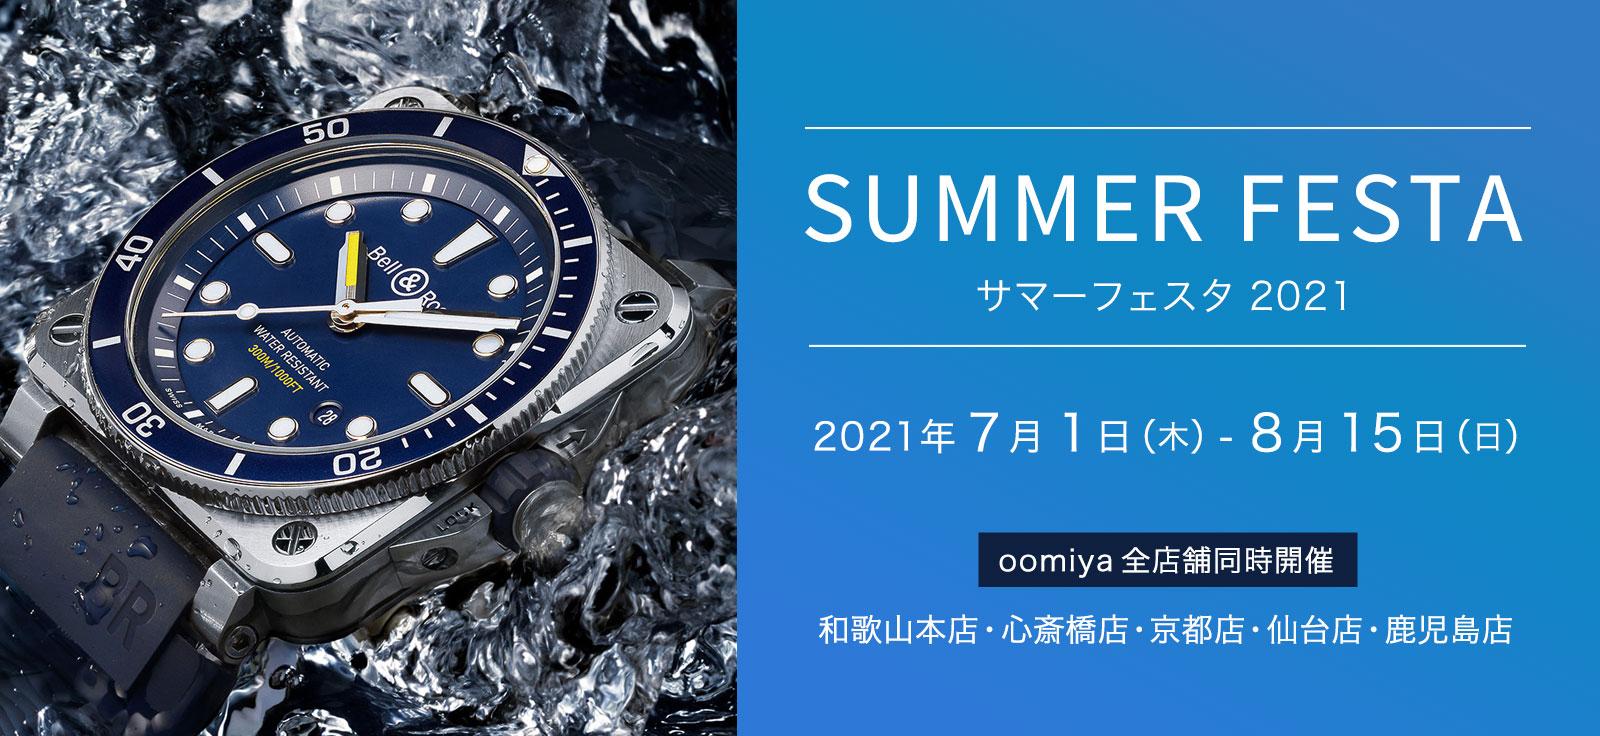 SUMMER FESTA[サマーフェスタ]|oomiya全店舗同時開催